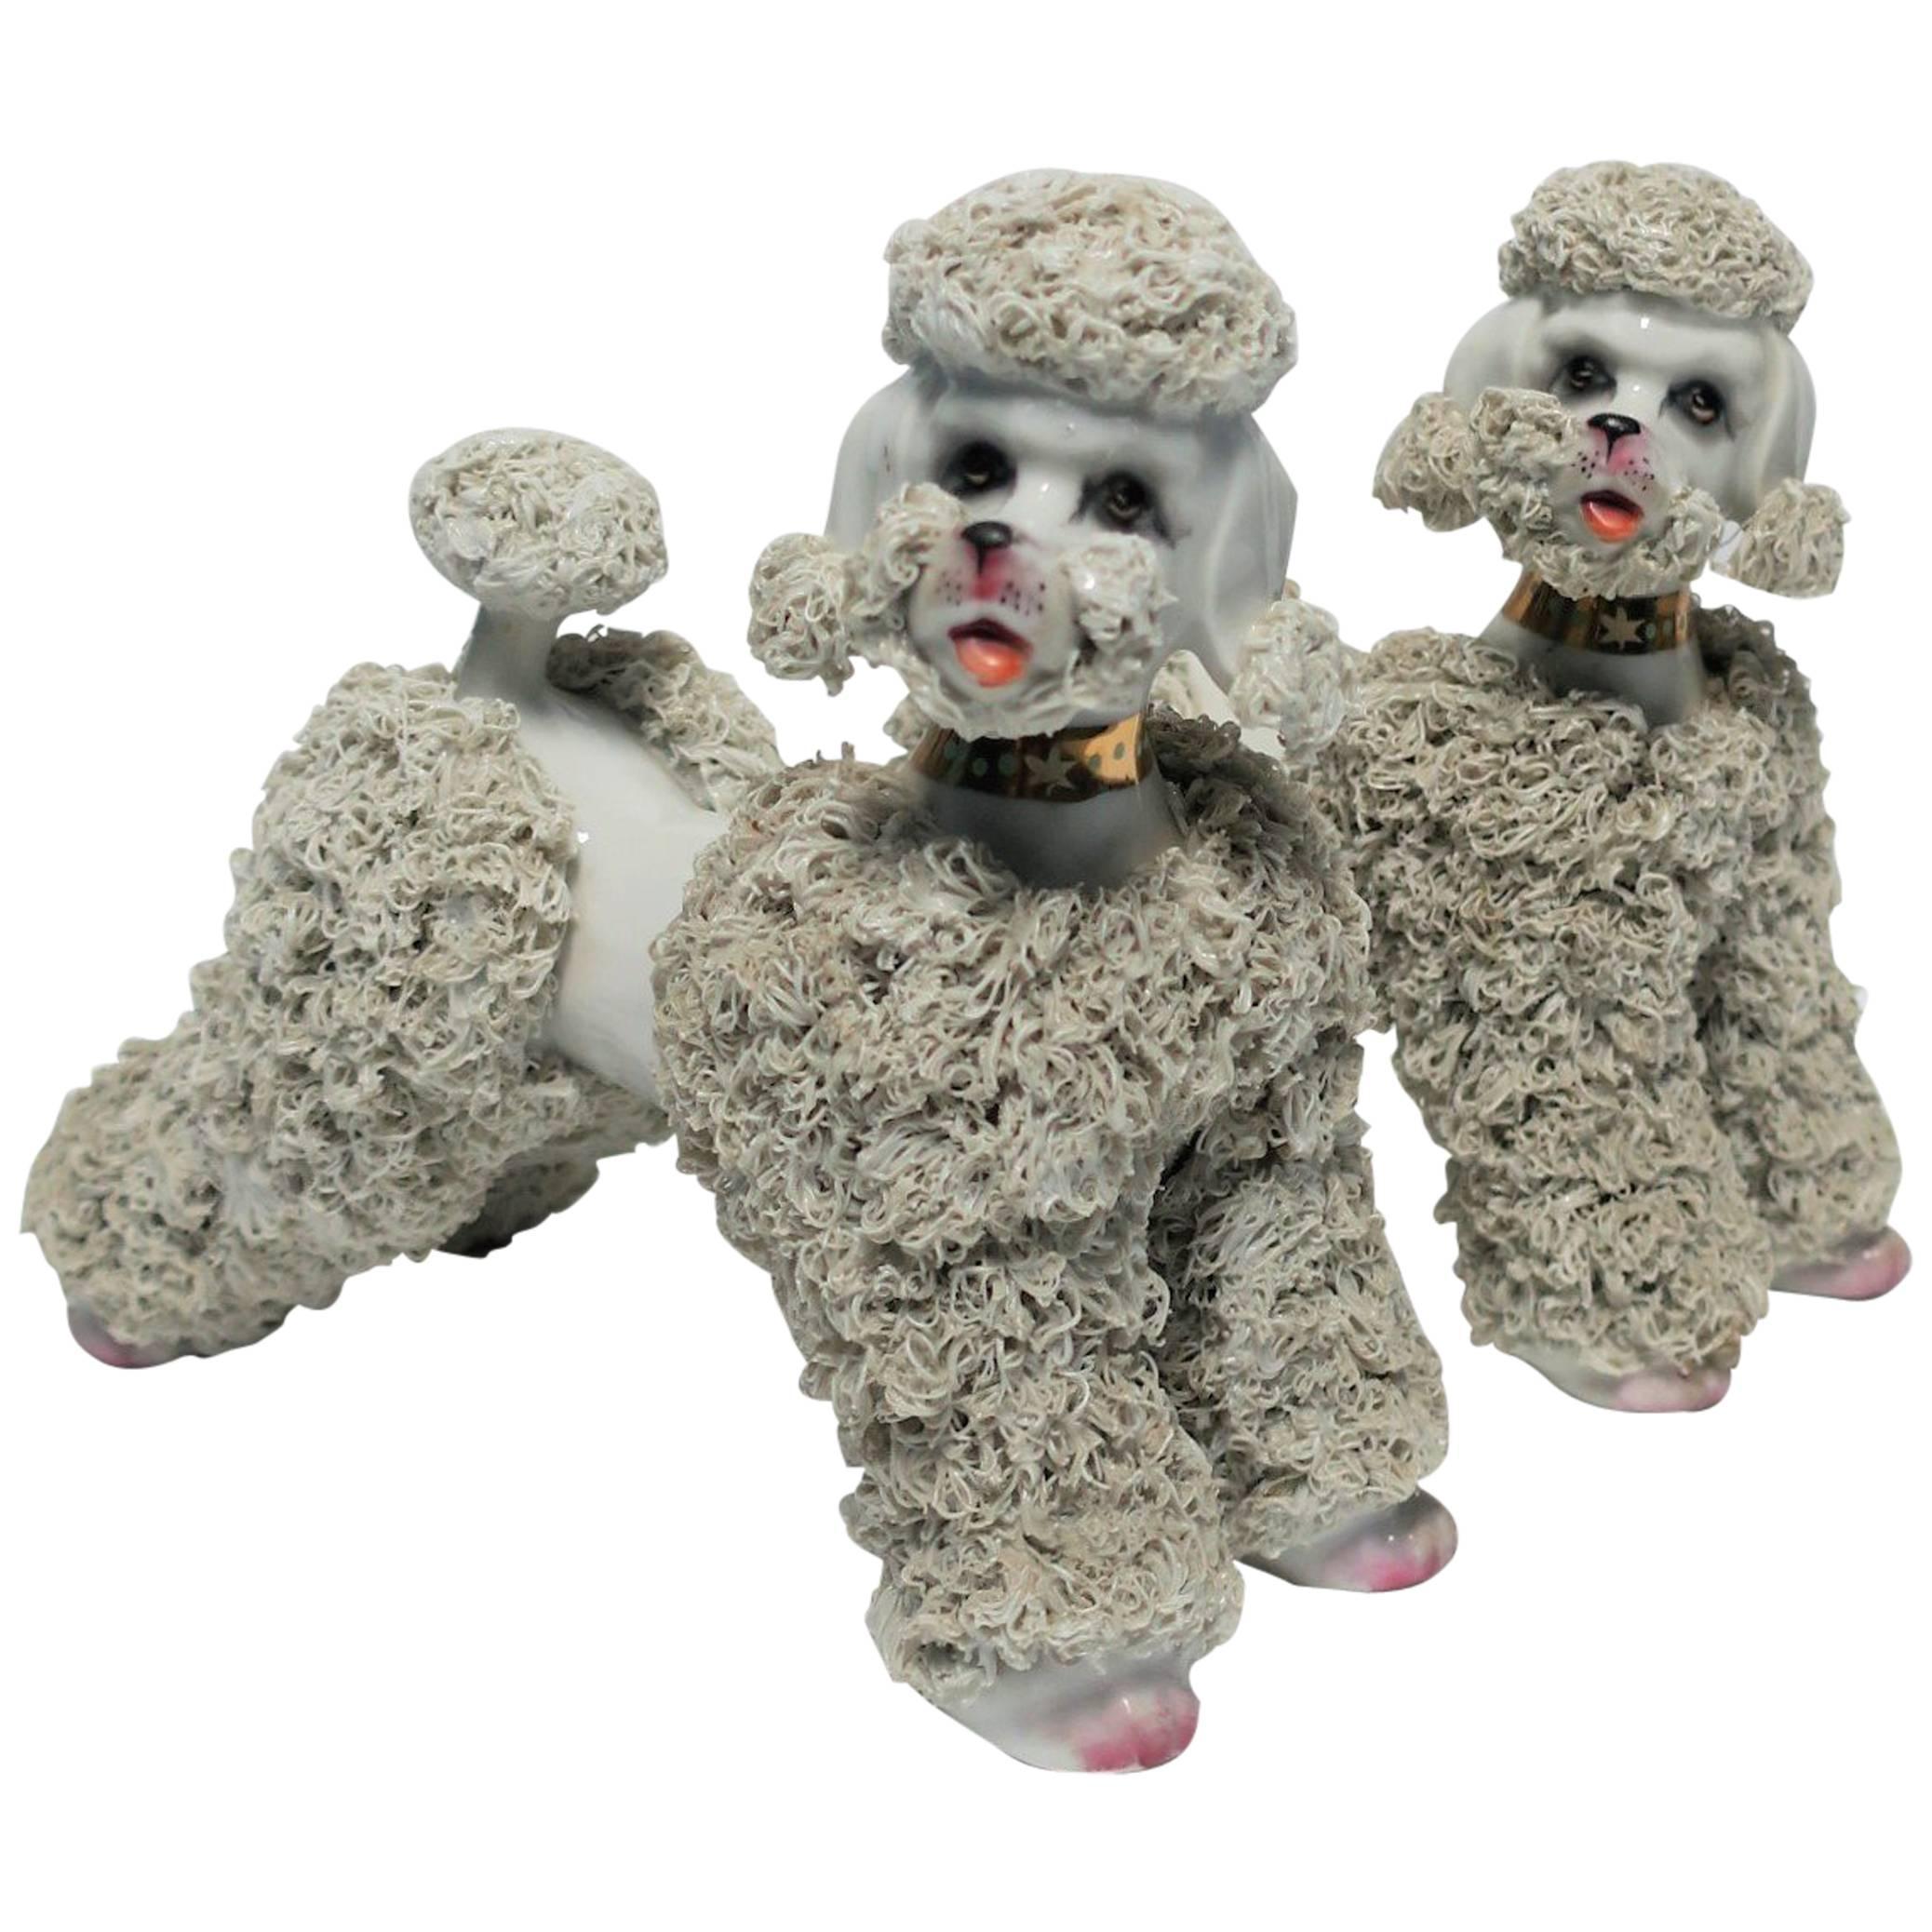 Poodle Dog Sculptures